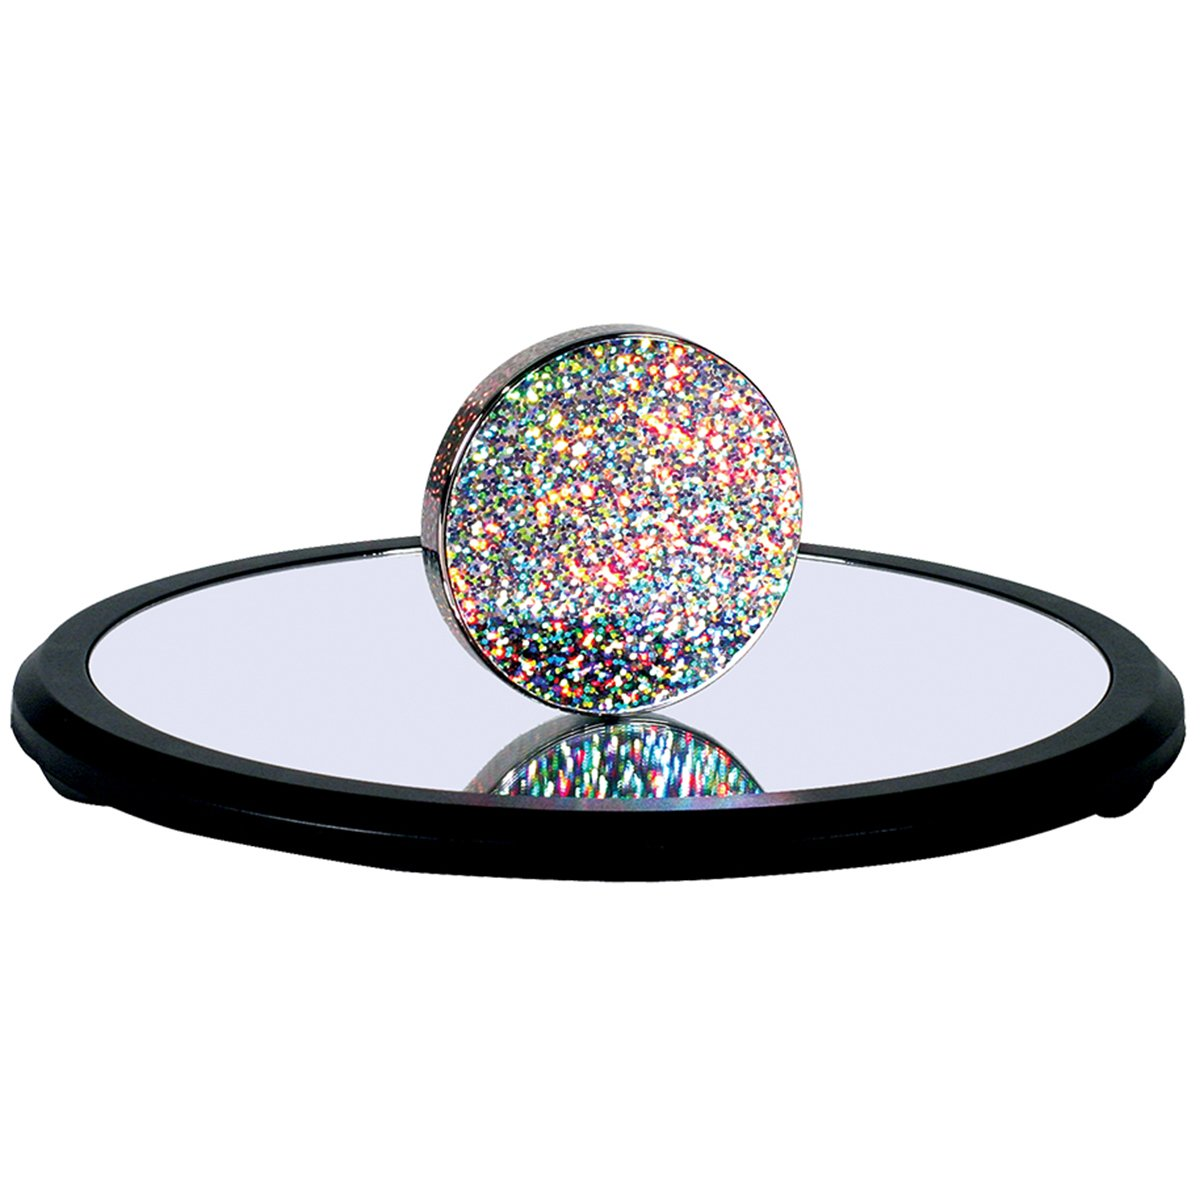 Toysmith Euler's Disk by Toysmith